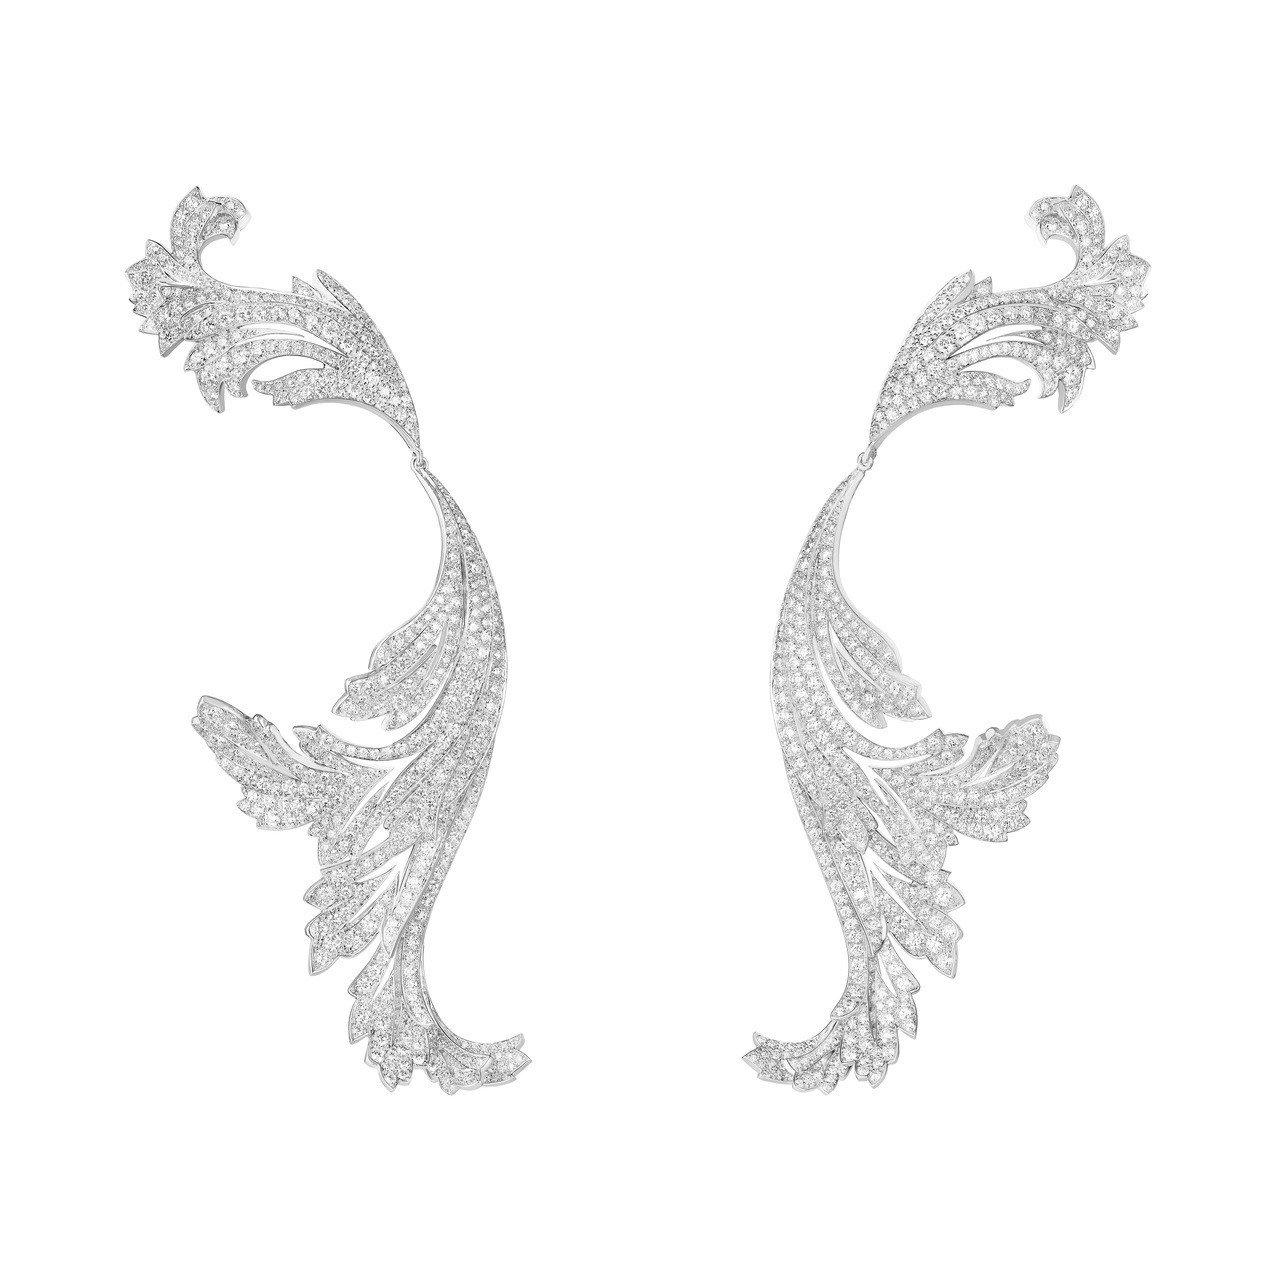 鞏俐配戴寶詩龍頂級珠寶系列FEUILLES DACANTHE耳環,18K白金鑲嵌...